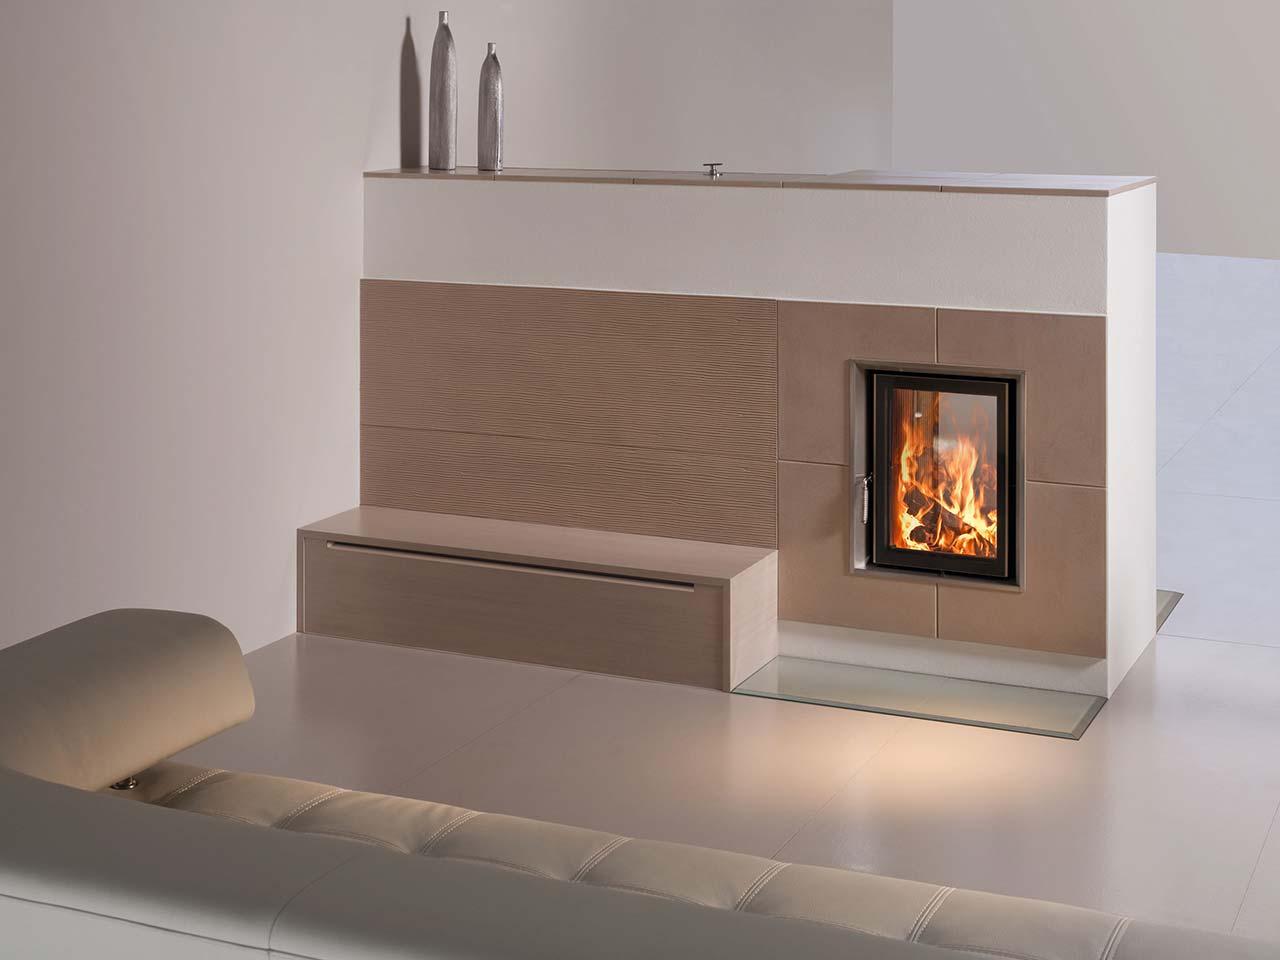 Eleganter Kachelofen mit Sitzbank und Feuerfenster als Raumteiler. Foto: Sommerhuber